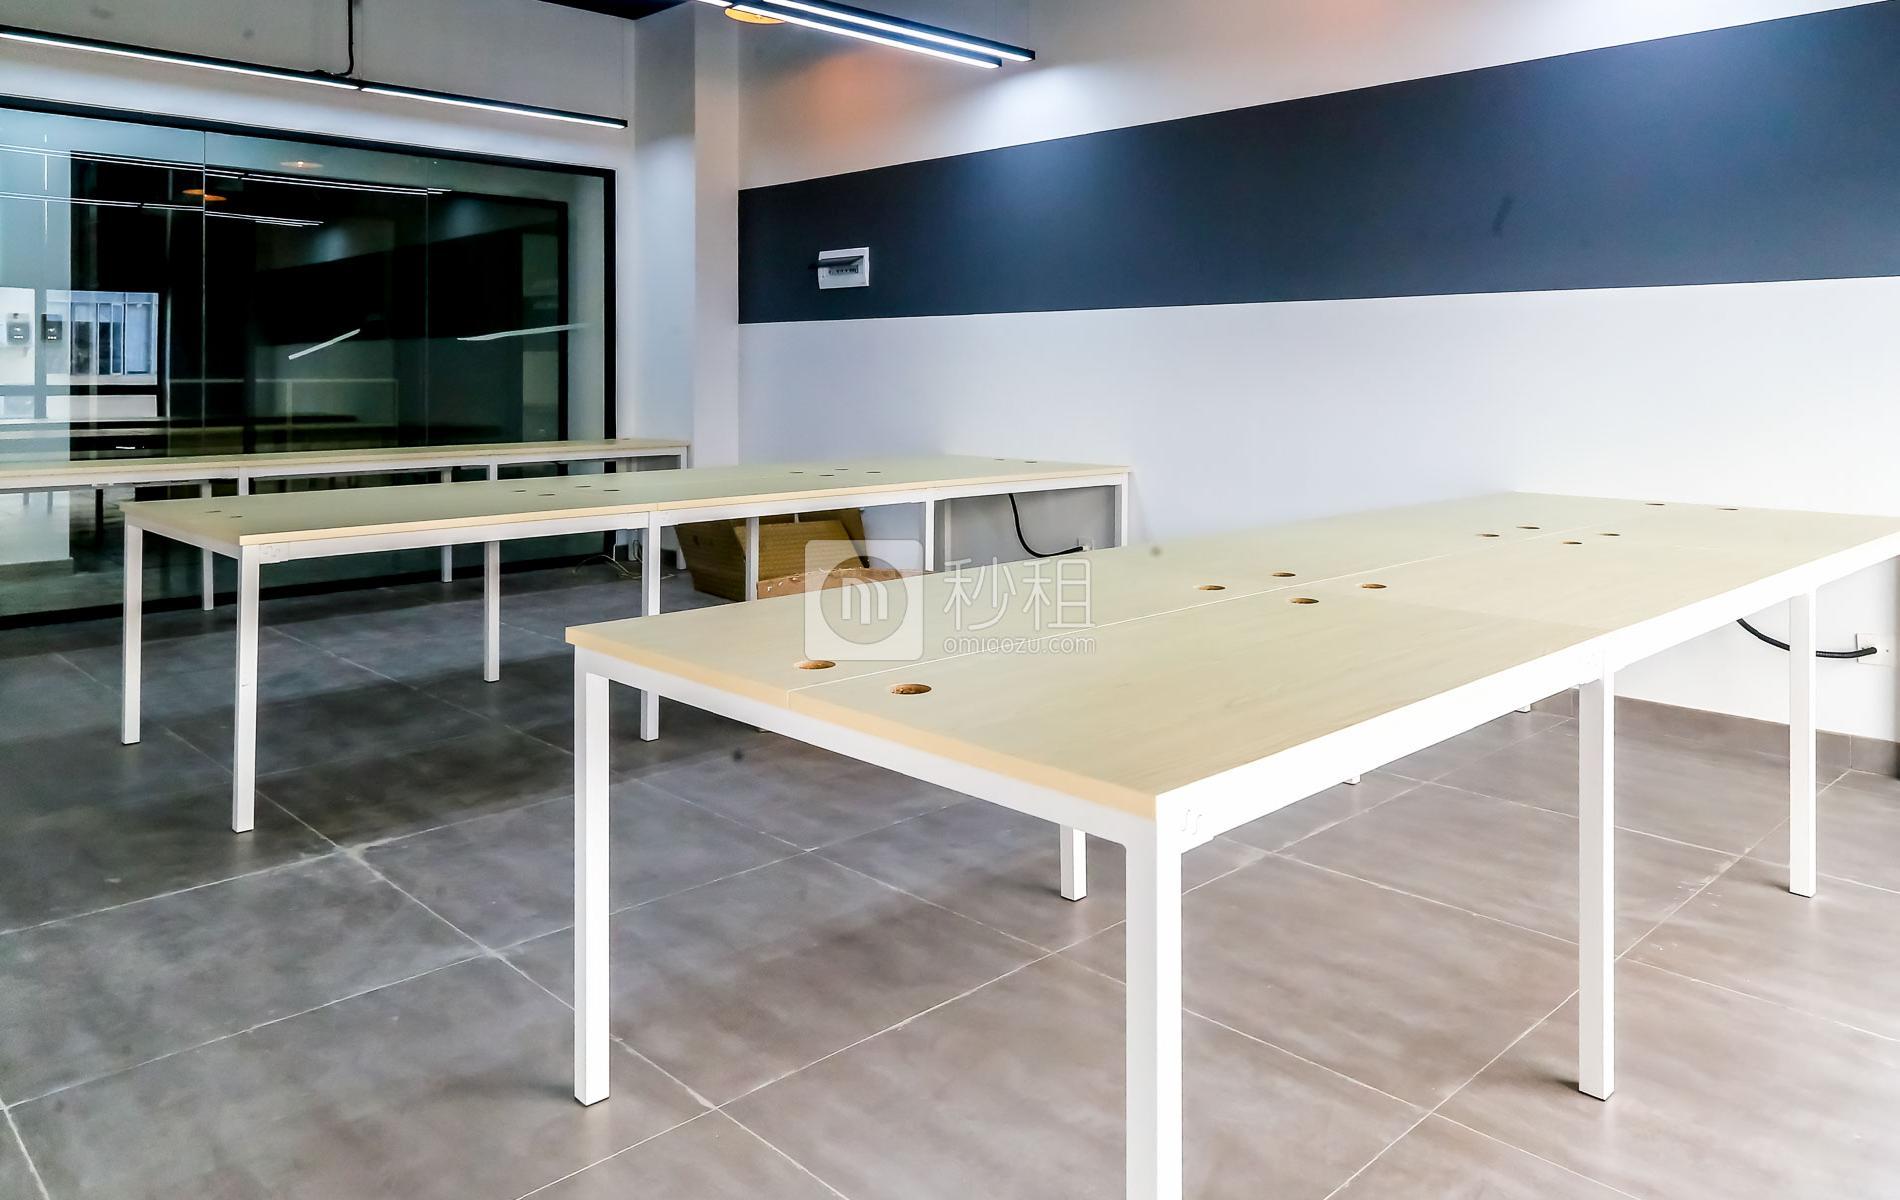 硅谷大院写字楼出租88平米精装办公室16000元/间.月